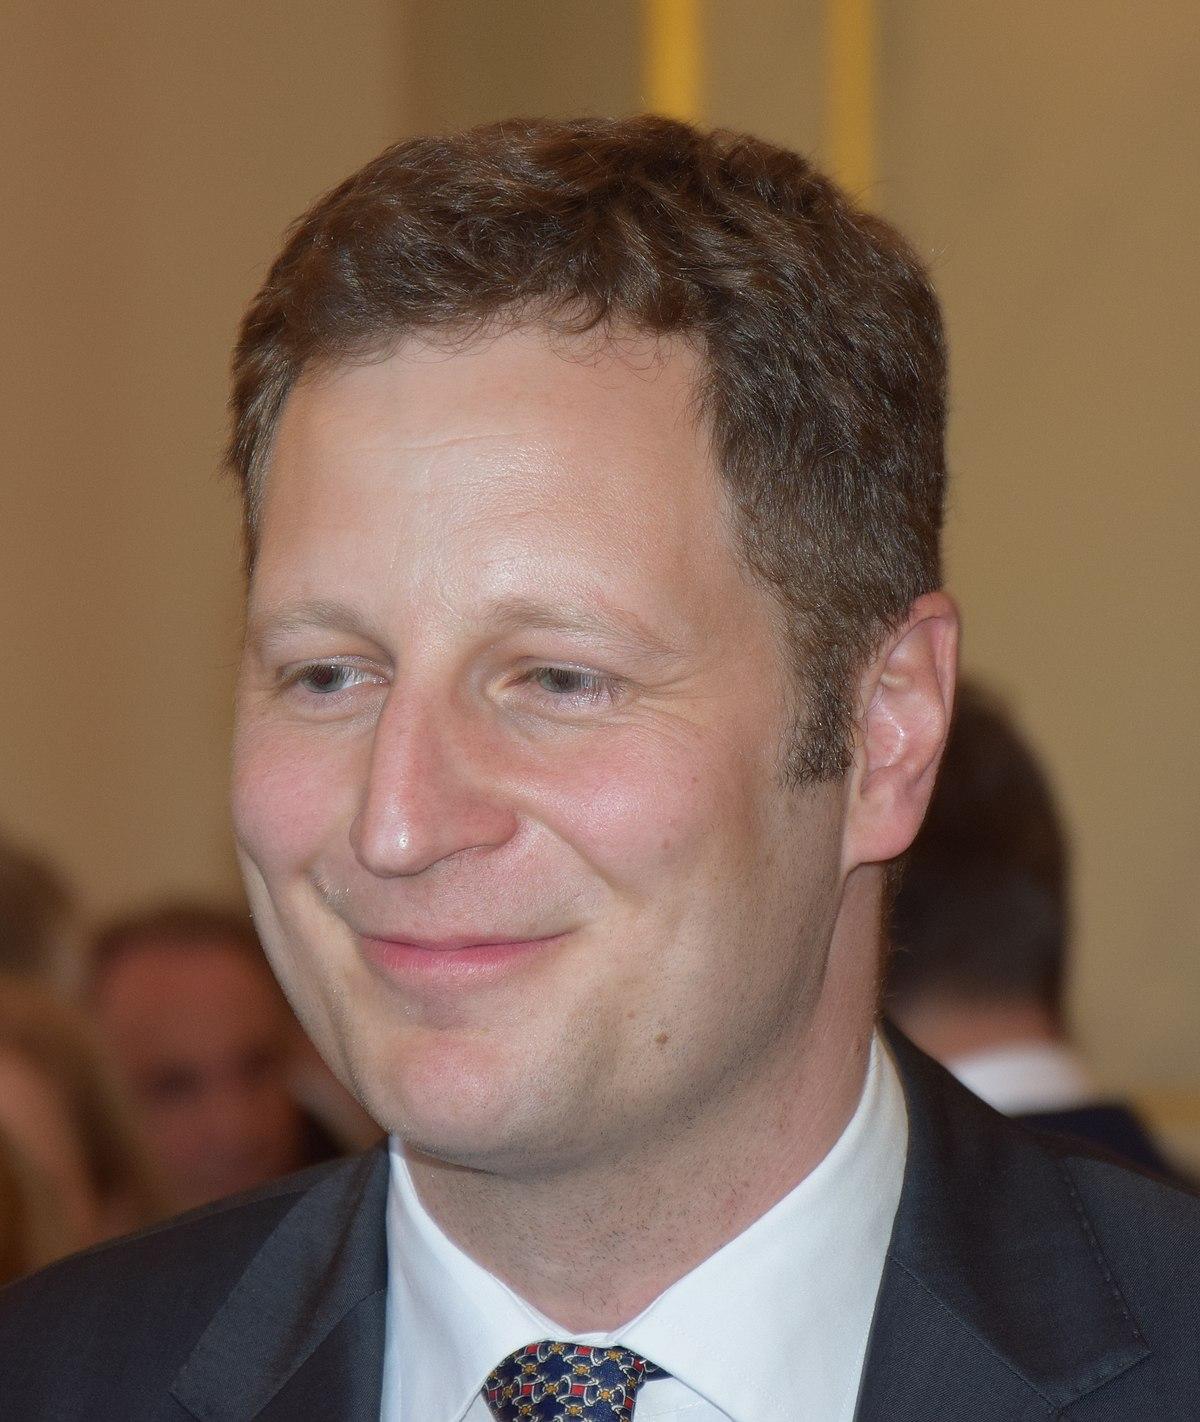 Georg Friedrich Prinz von Preußen1, Pour le Merite 2014.JPG